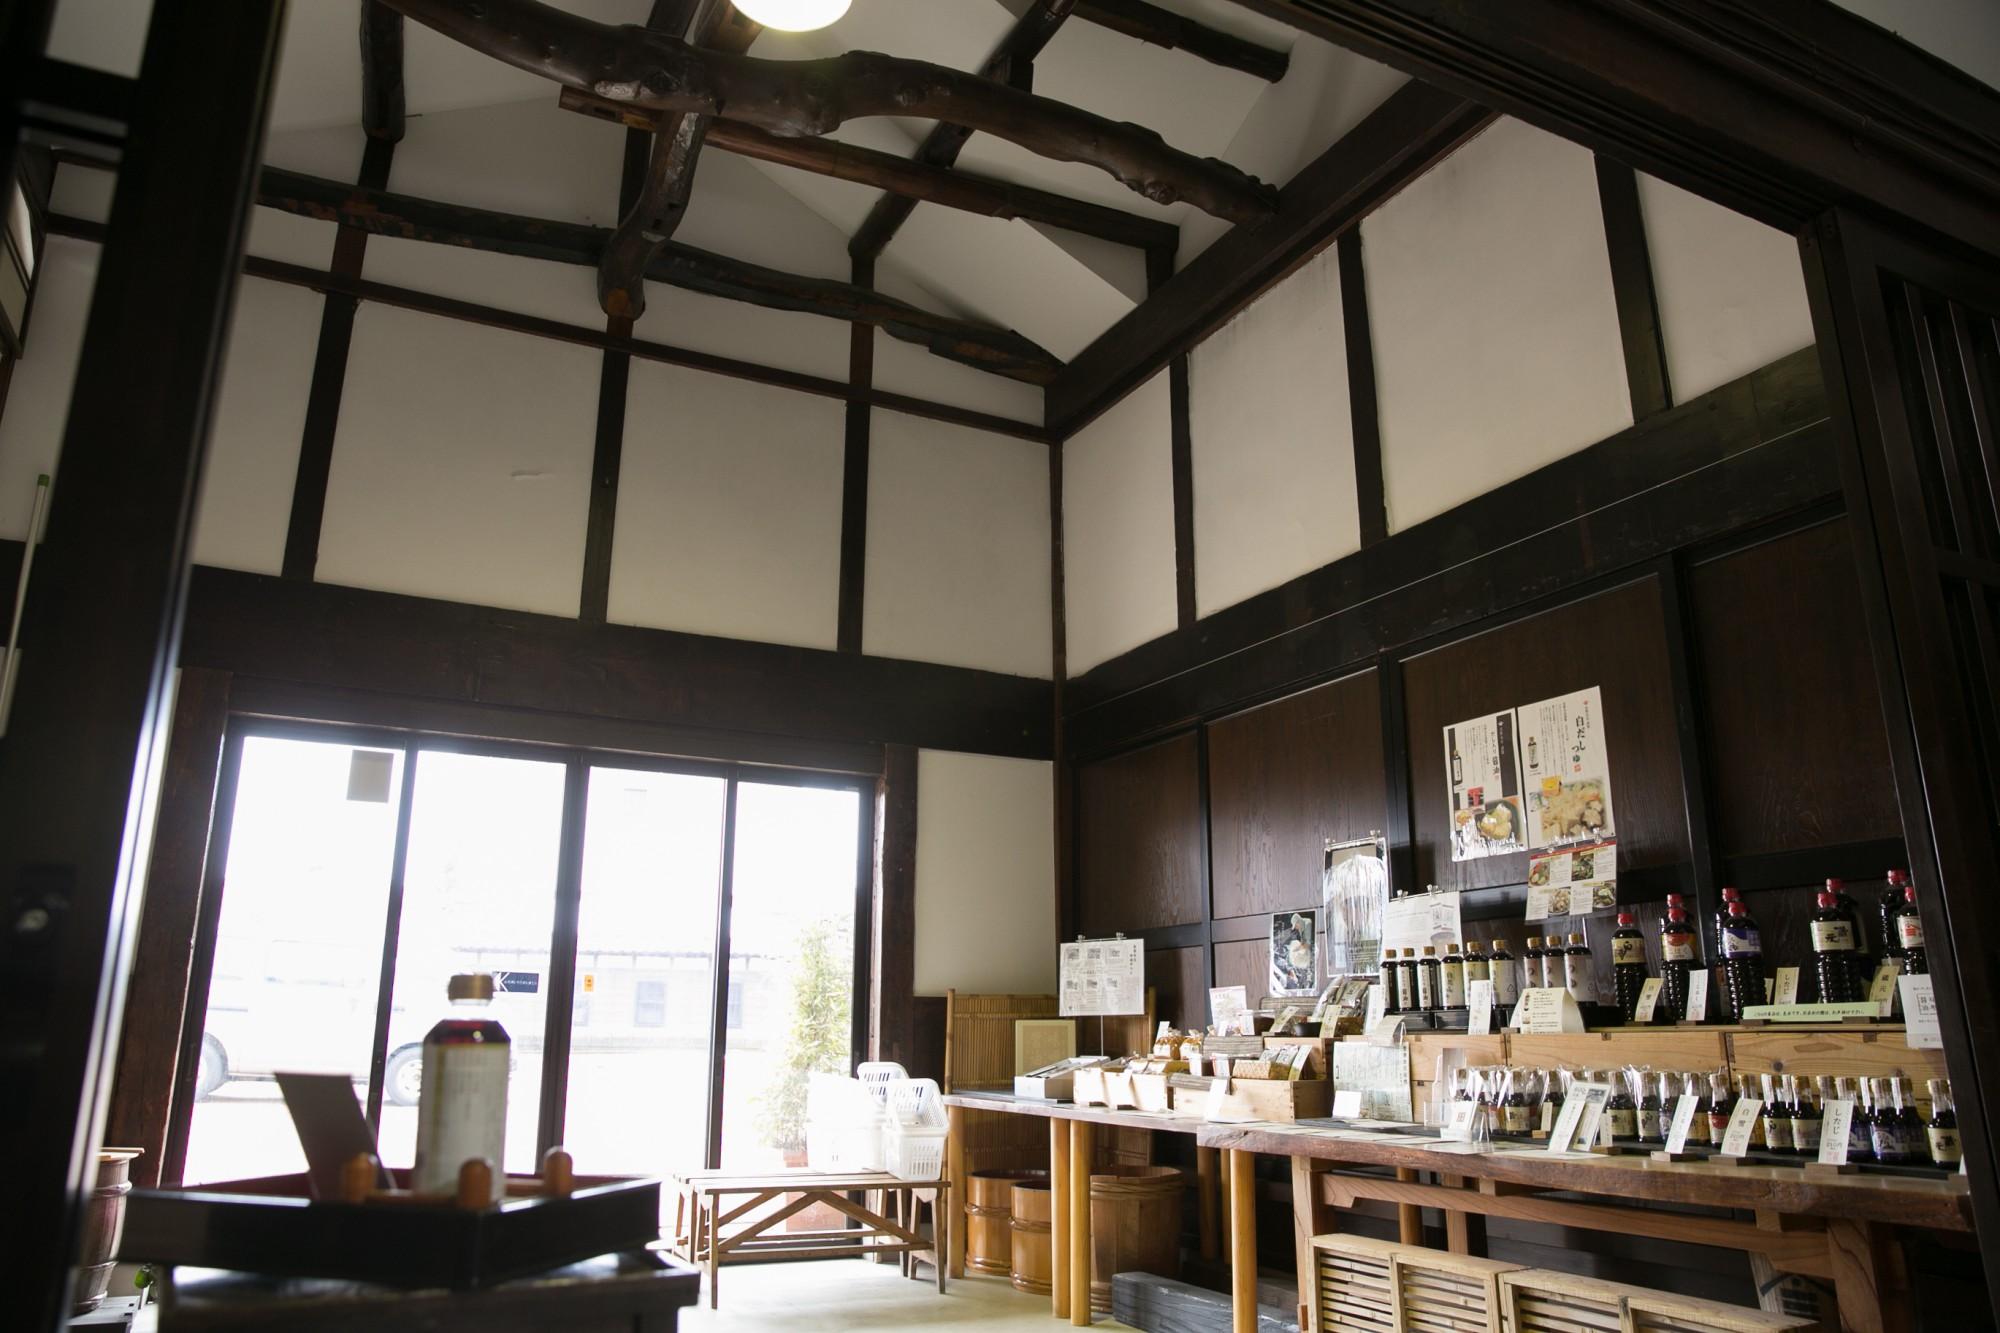 農林大臣賞や各種品評会で受賞した「こいくちしょうゆ 蔵元」「うすくちしょうゆ 白雪」など、特徴ある商品が並ぶ展示スペース。この建物は江戸時代末期に建てられたそうです。